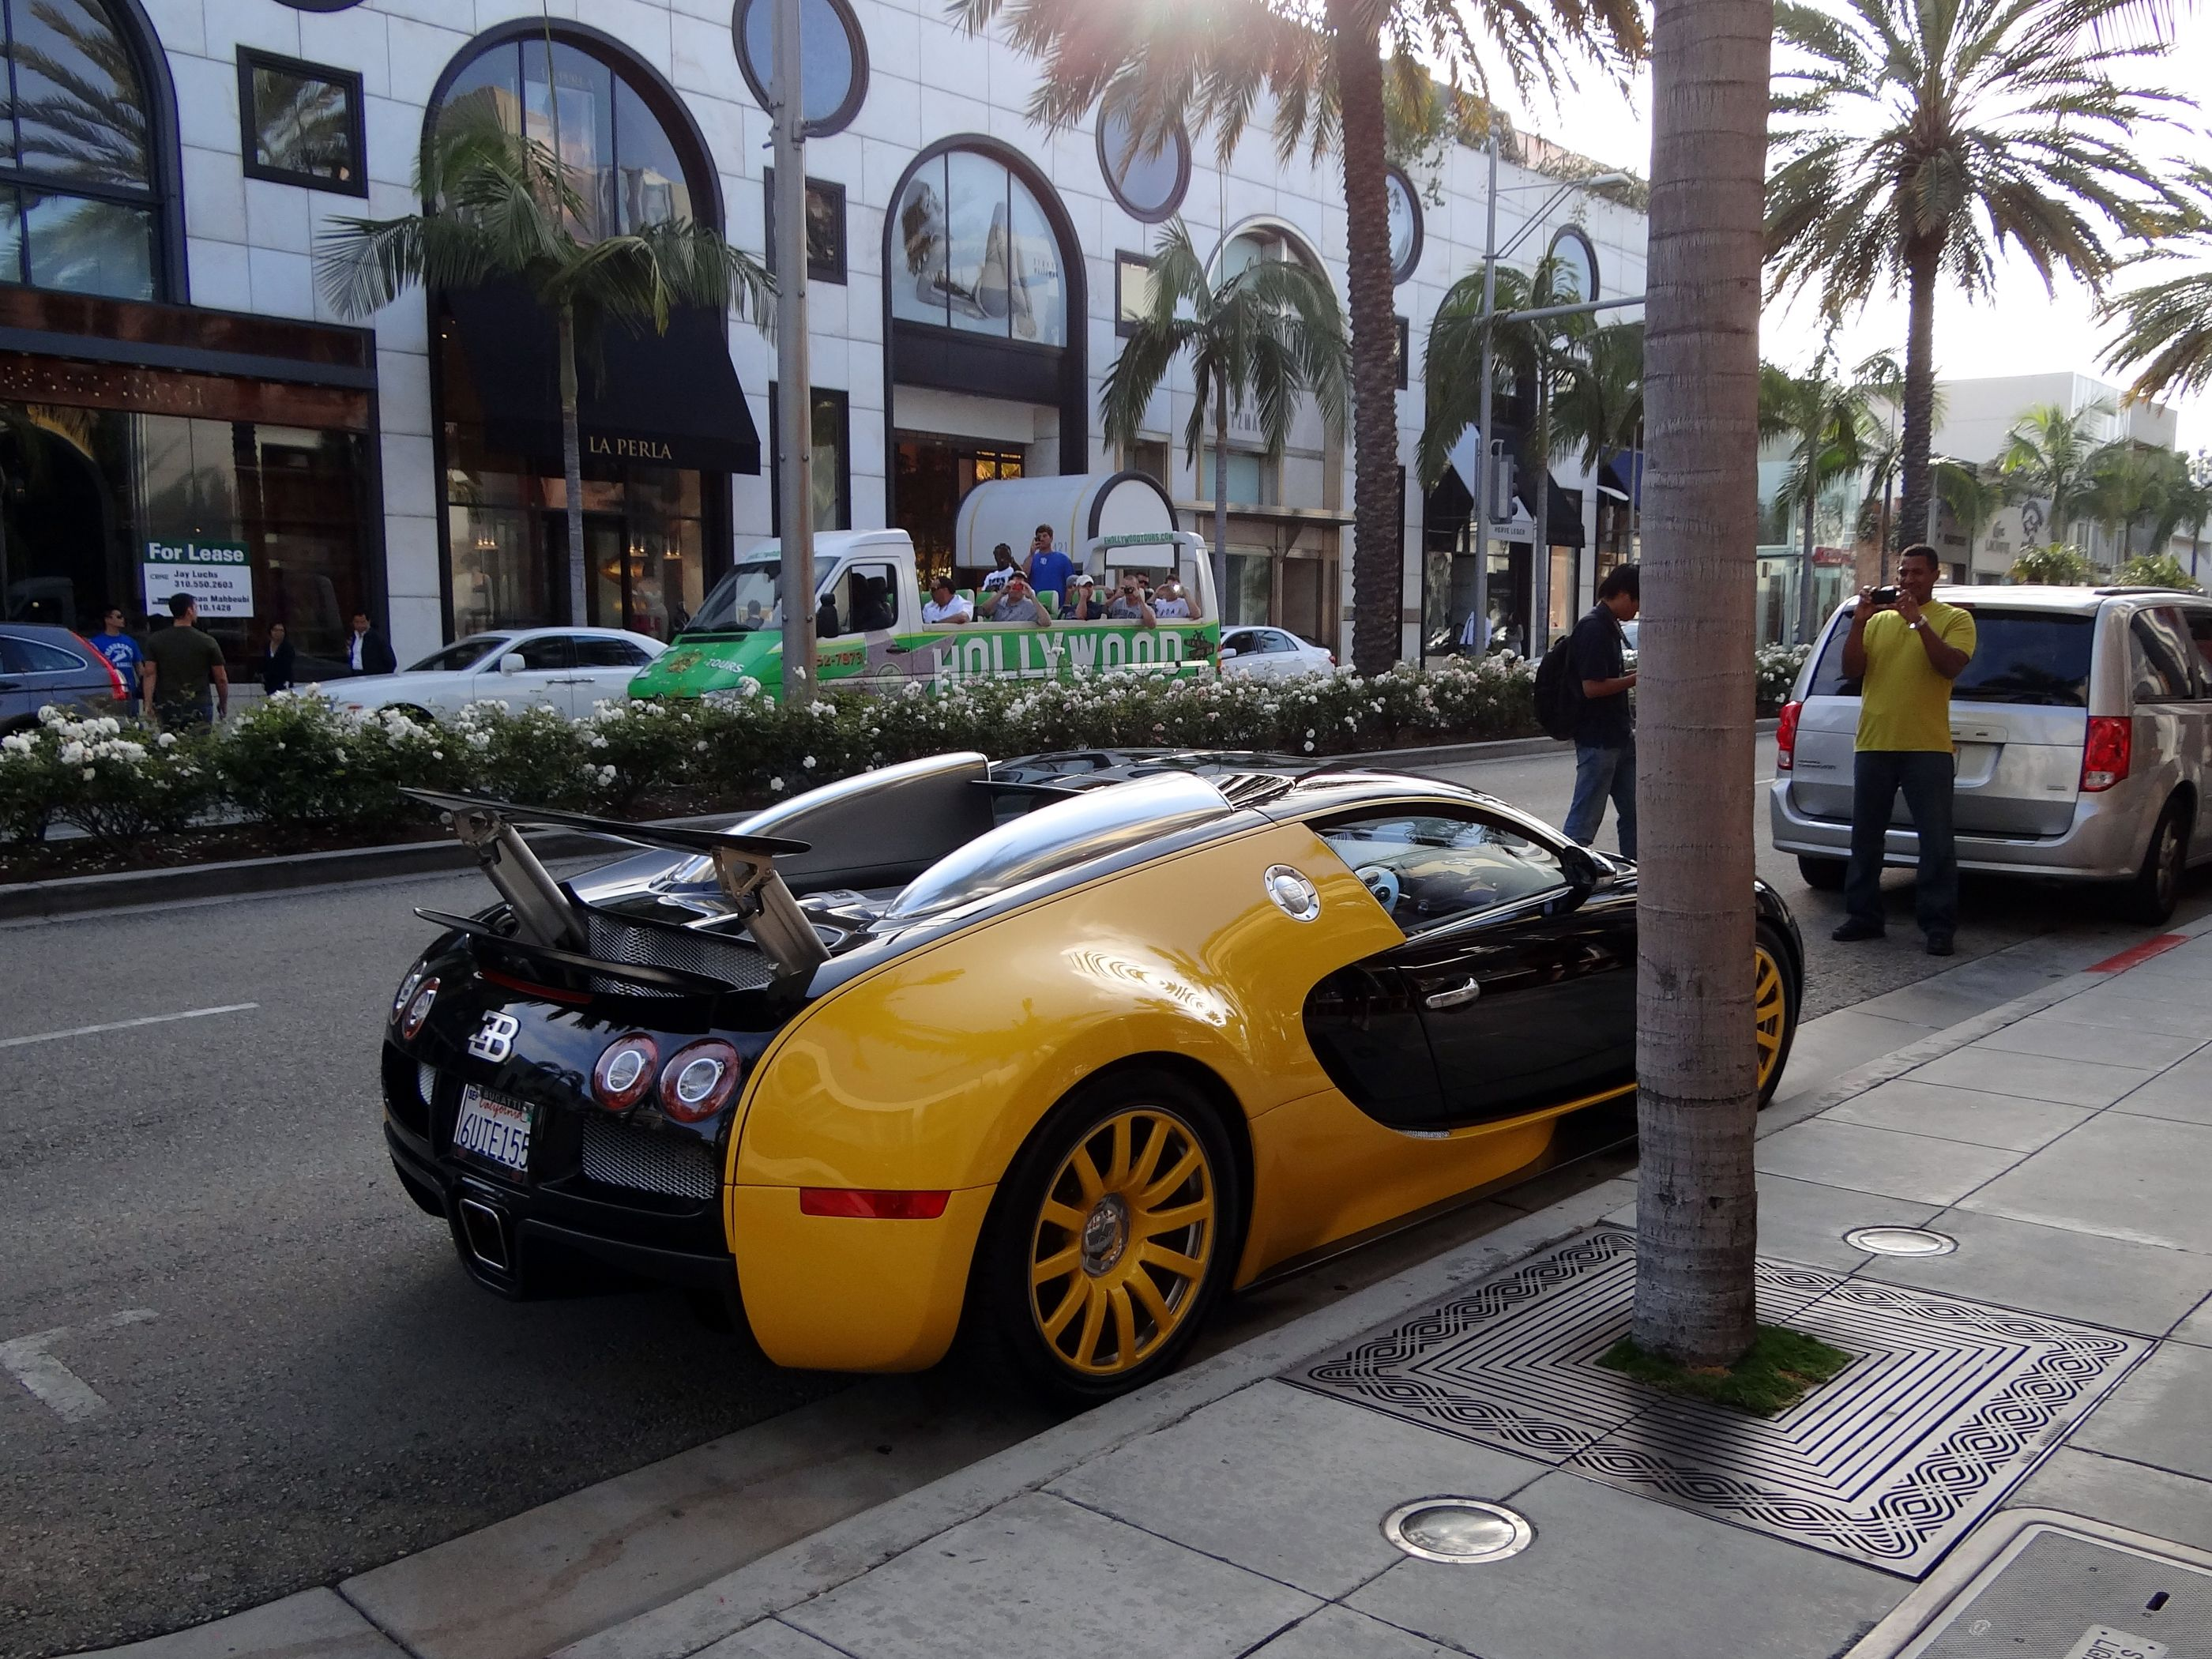 01401d45fda2df309ab04a4479c862eb Gorgeous Bugatti Veyron Zero to 60 Cars Trend